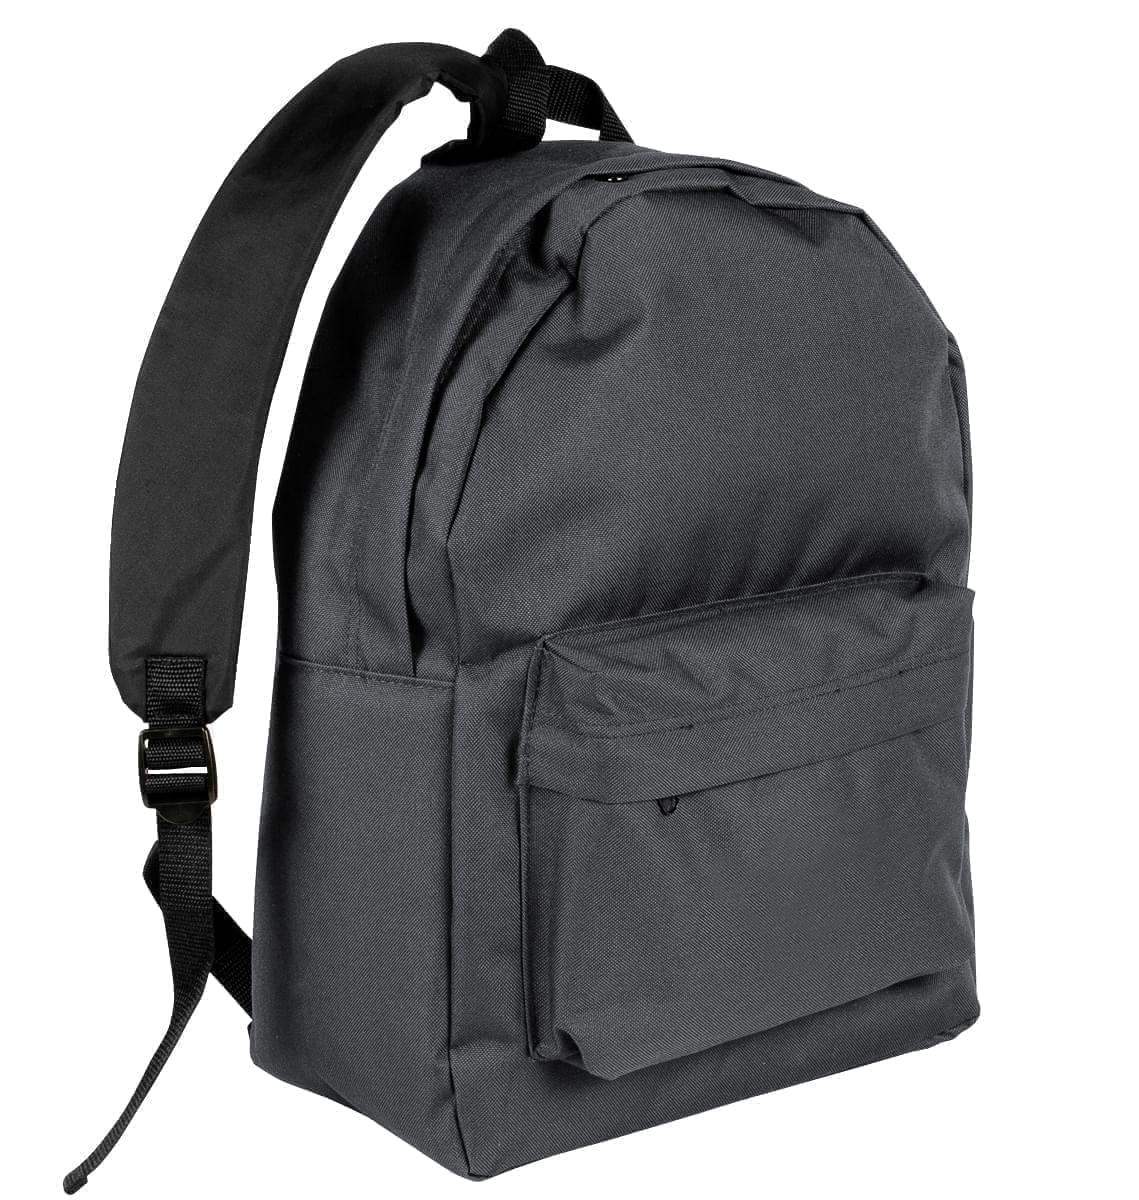 USA Made Nylon Poly Backpack Knapsacks, Graphite-Black, 8960-ARR